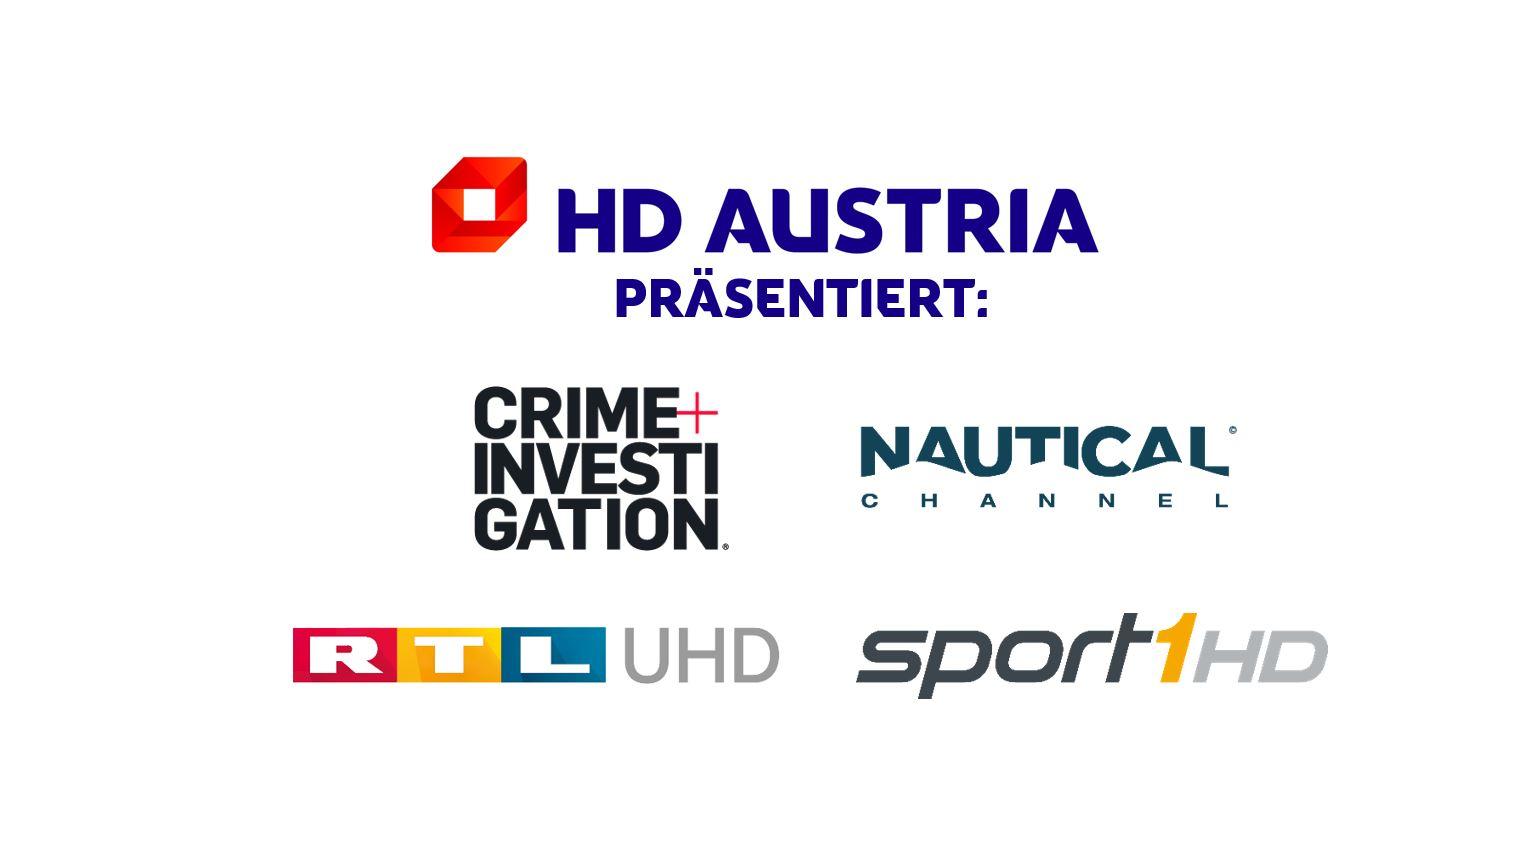 HD Austria startet Crime + Investigation, den Nautical Channel, RTL UHD und SPORT1 HD